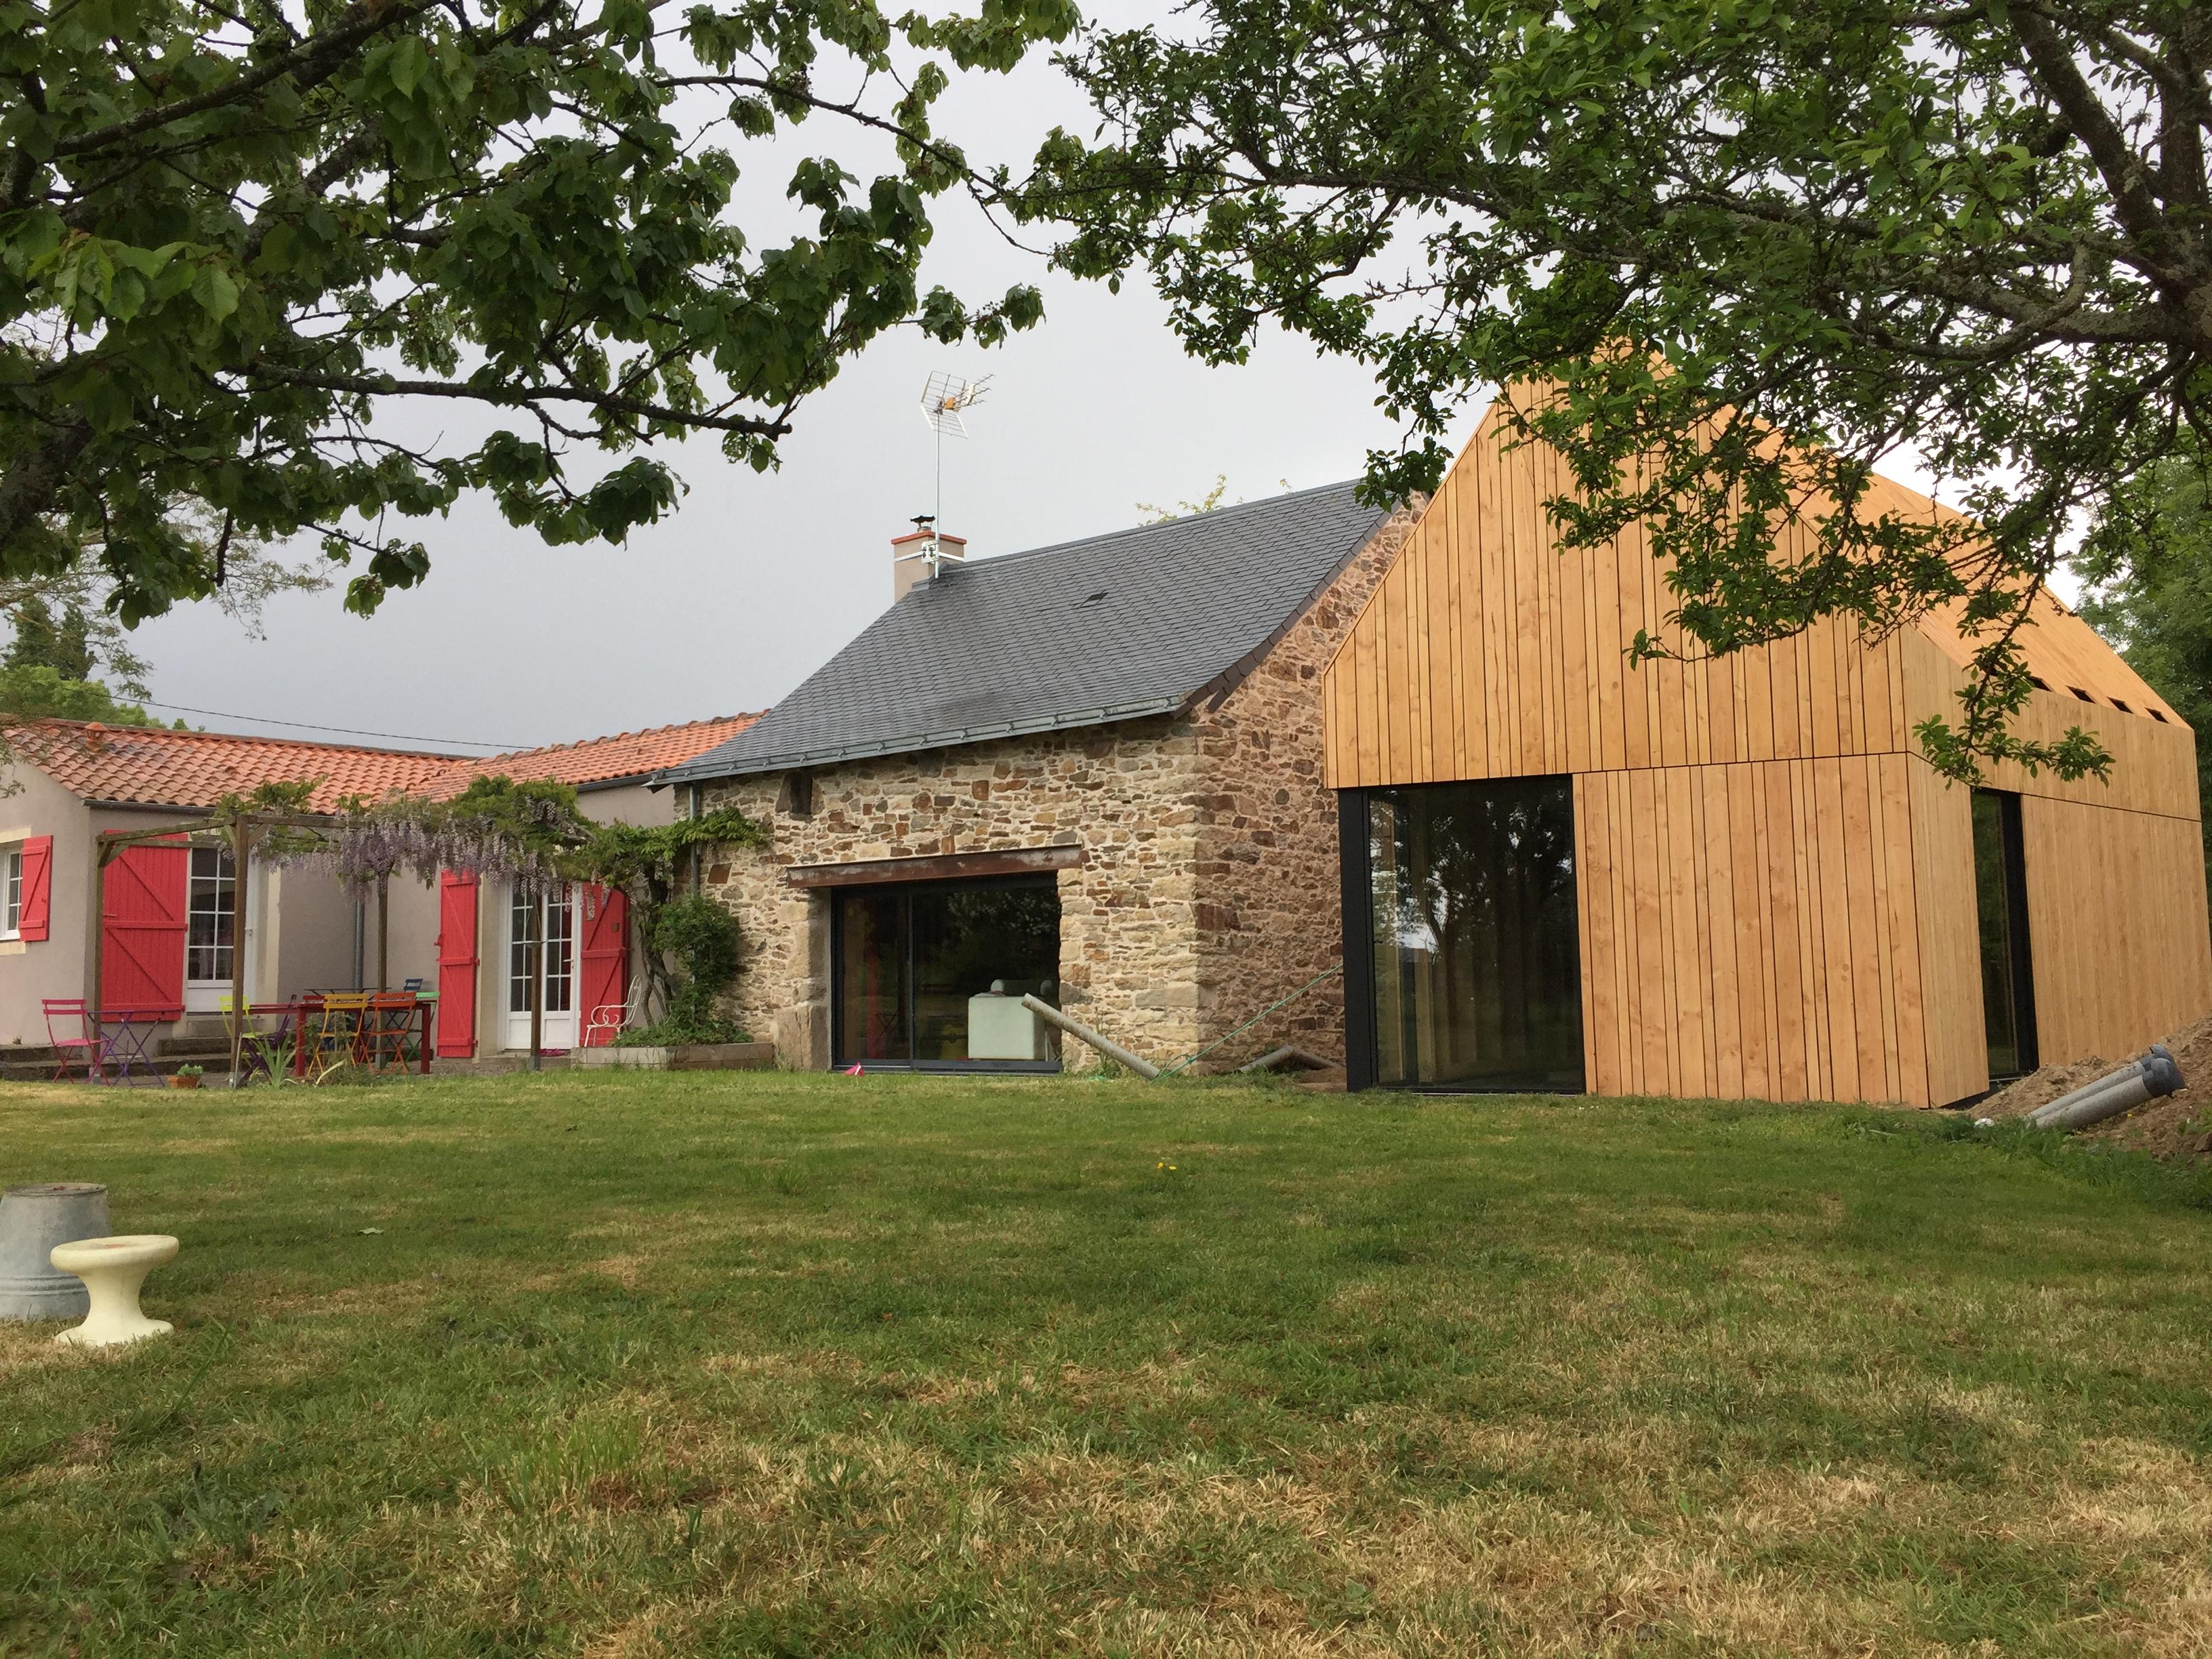 ext-chauvin-st-etienne-de-montluc-2017-04-26-16-28-34